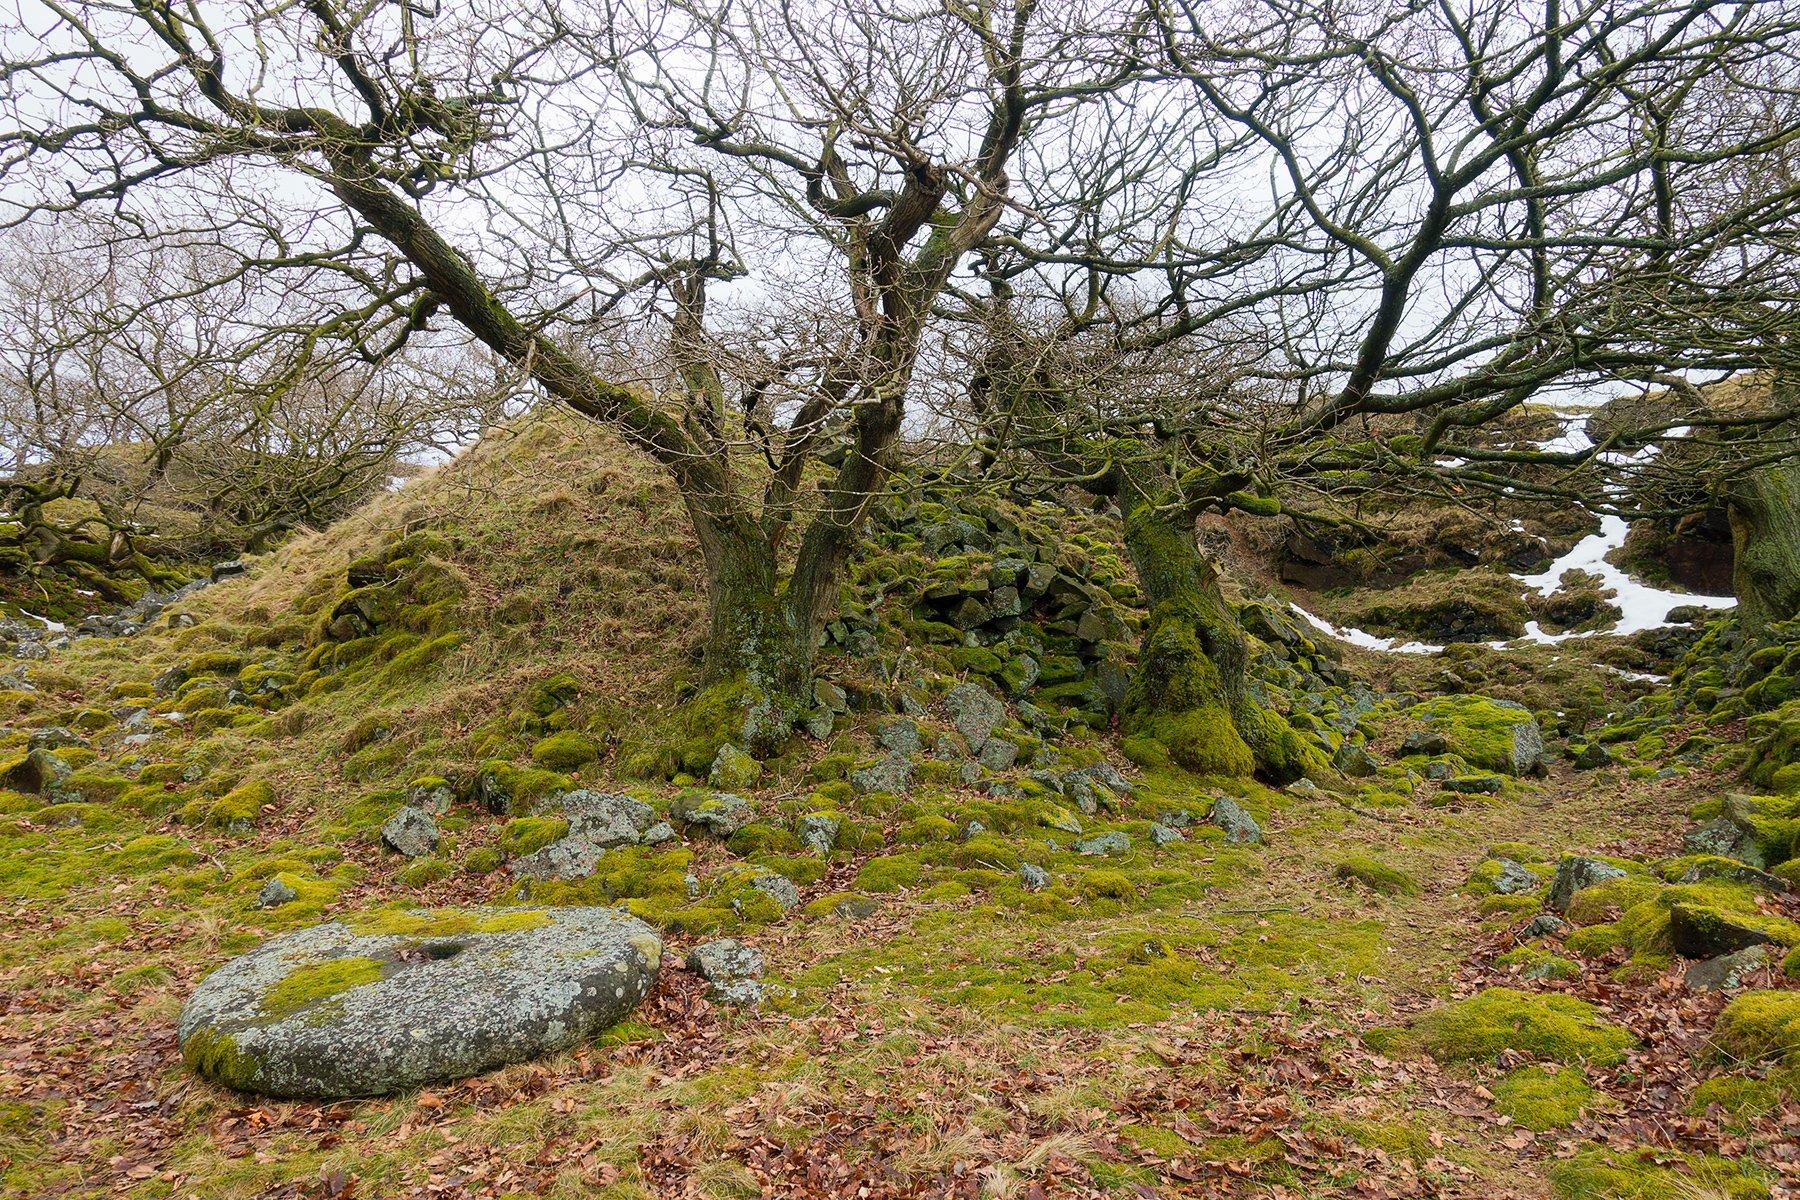 Dobb Edge and its millstones